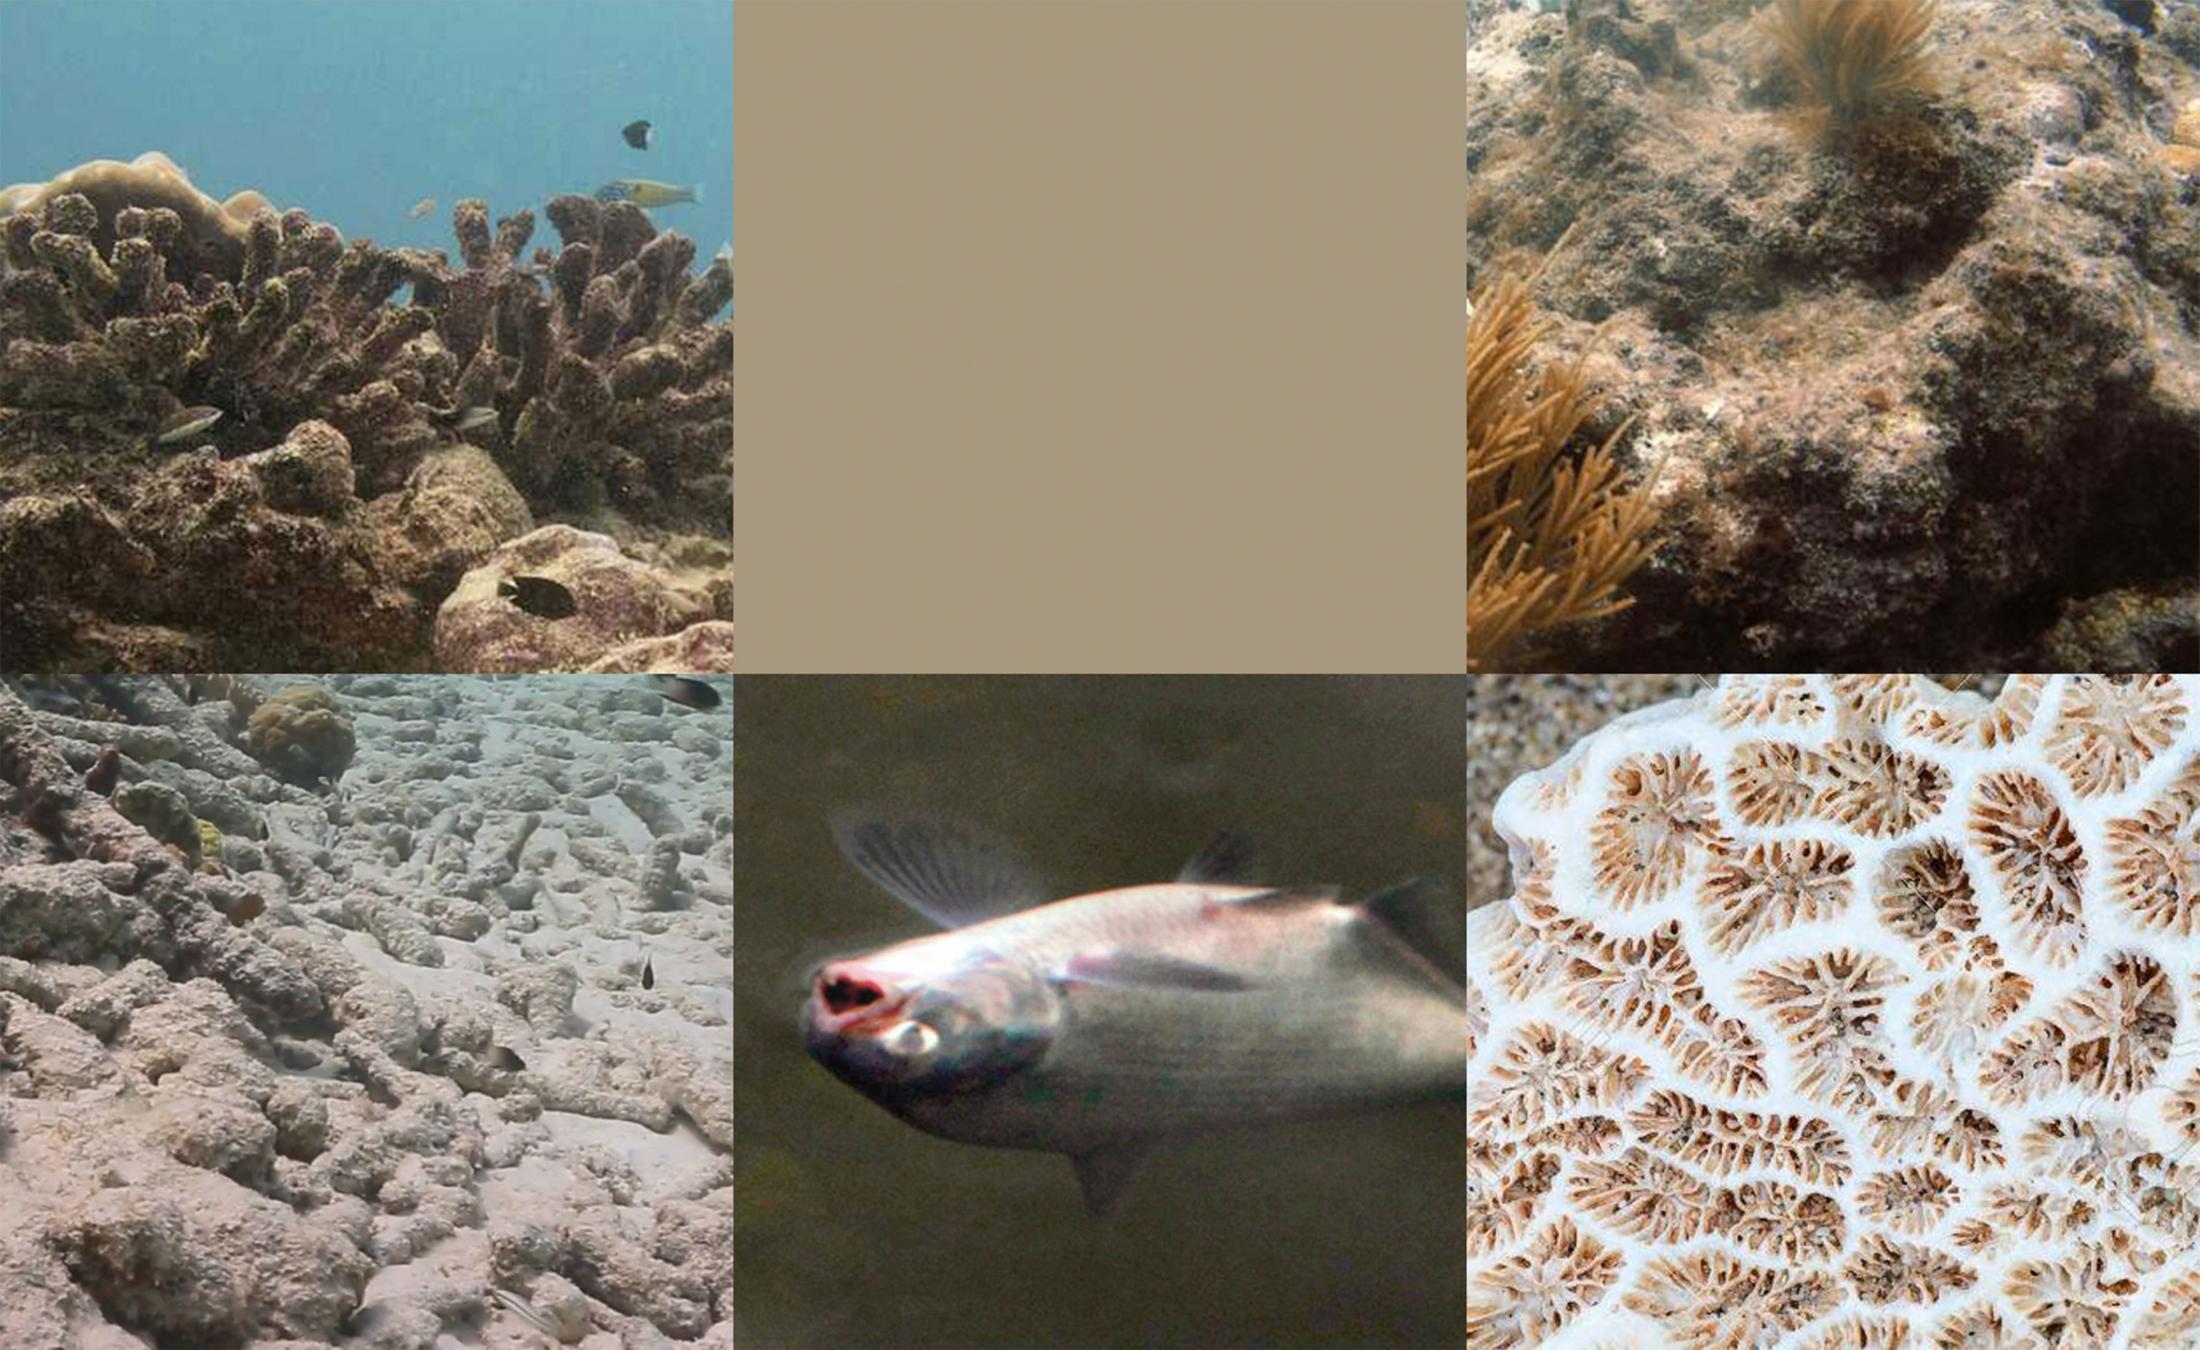 Dead Coral Pantone 2043